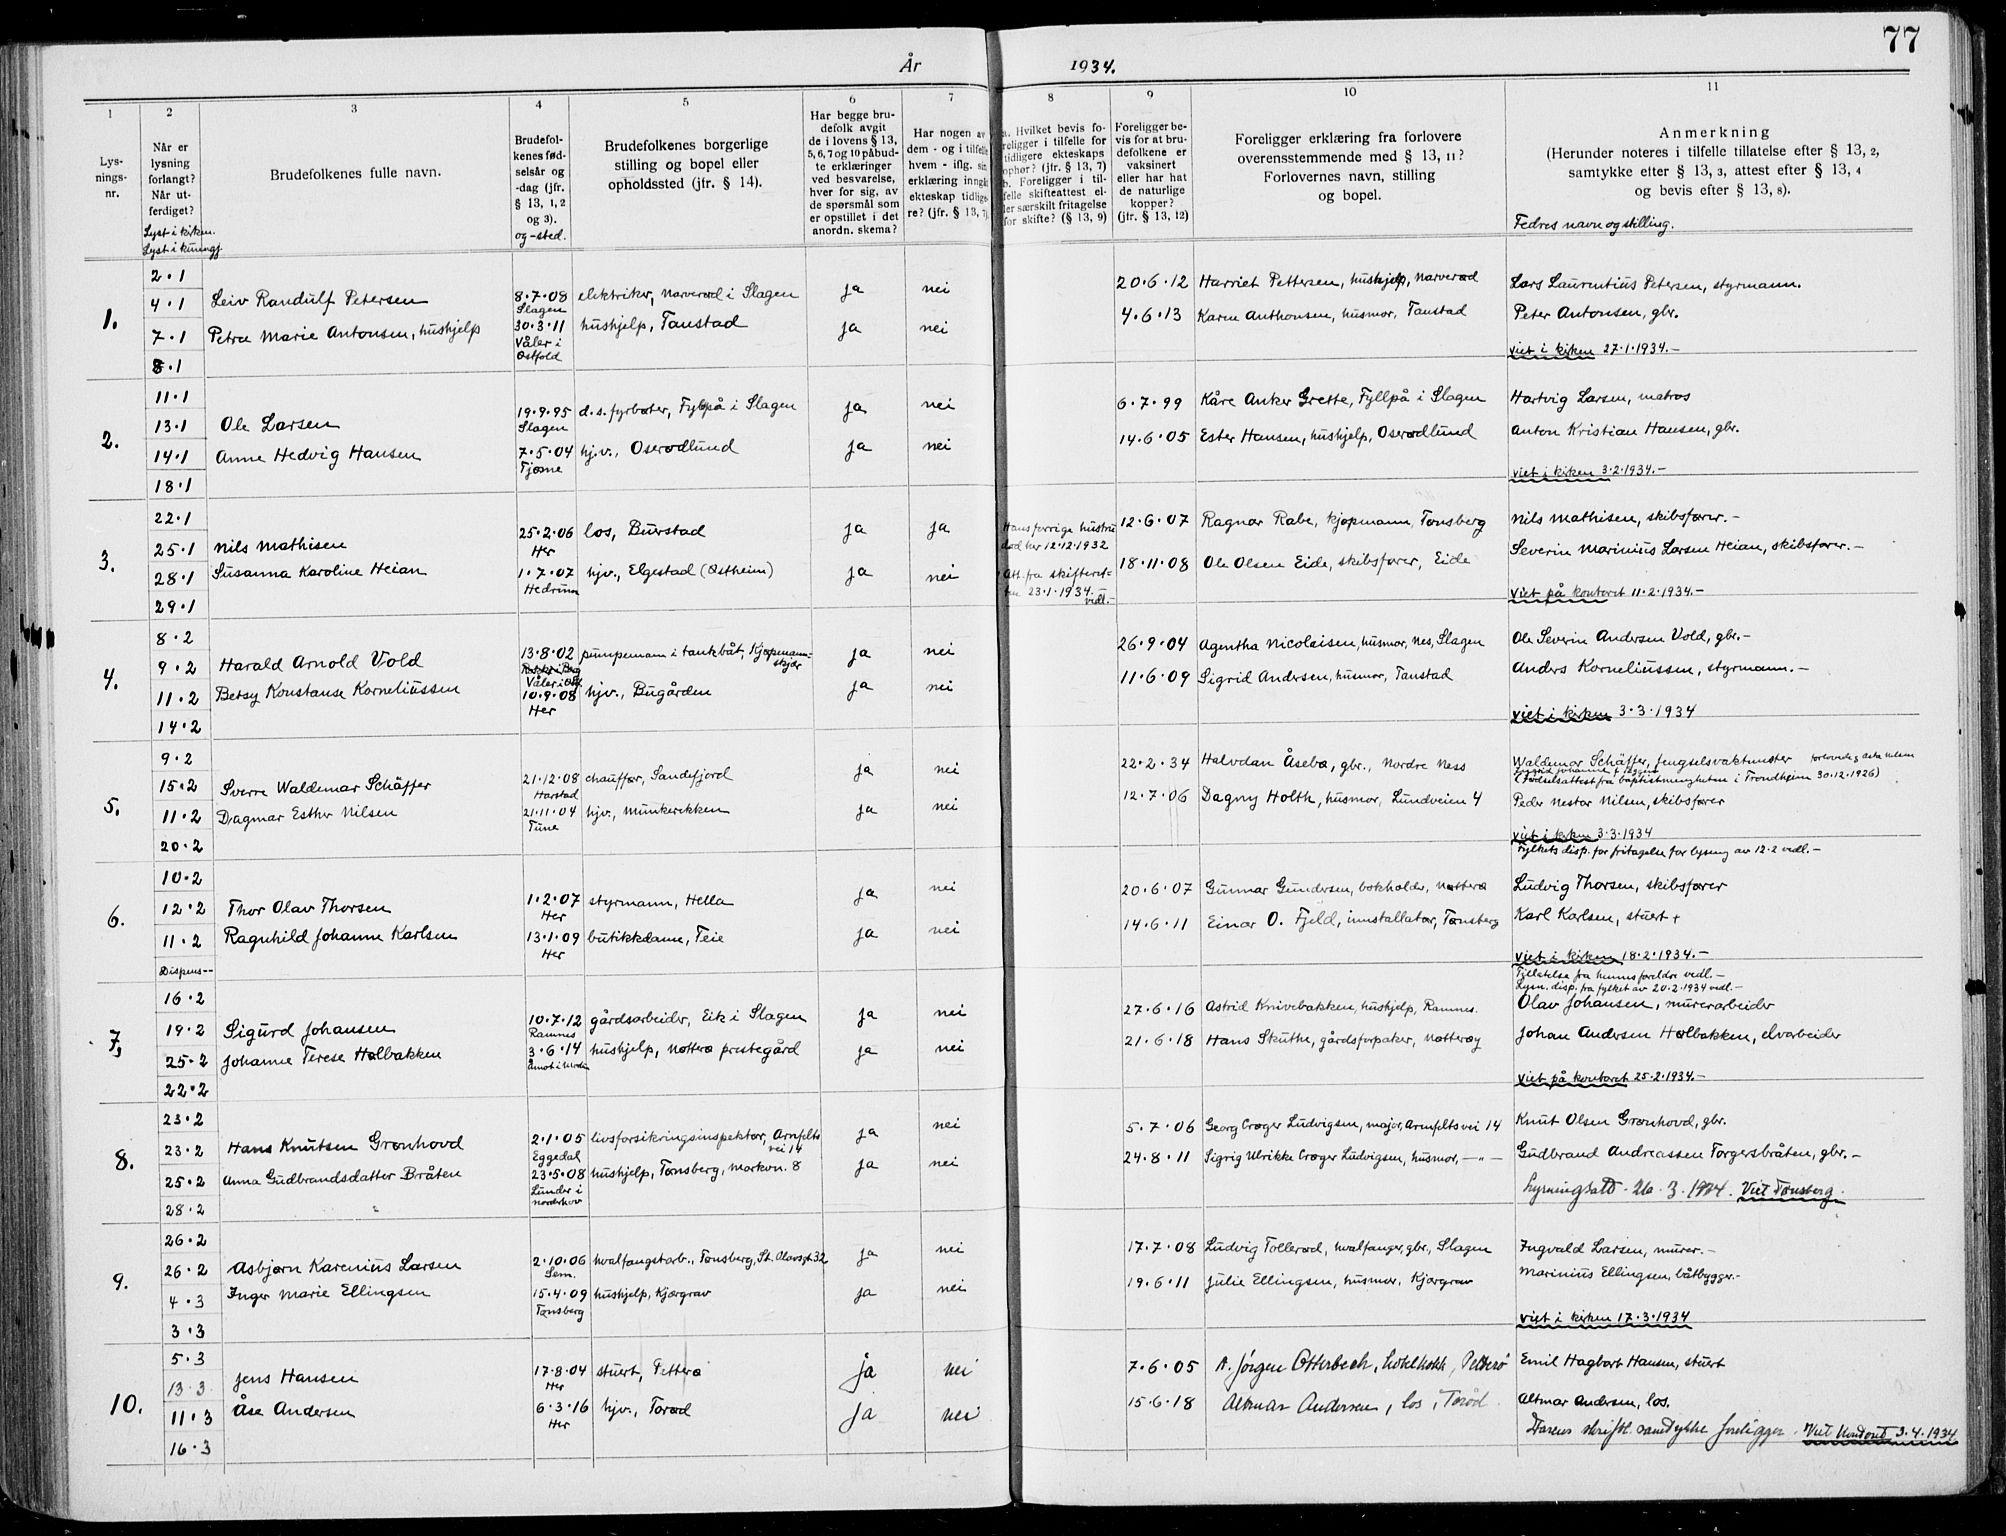 SAKO, Nøtterøy kirkebøker, H/Ha/L0001: Banns register no. 1, 1919-1937, p. 77